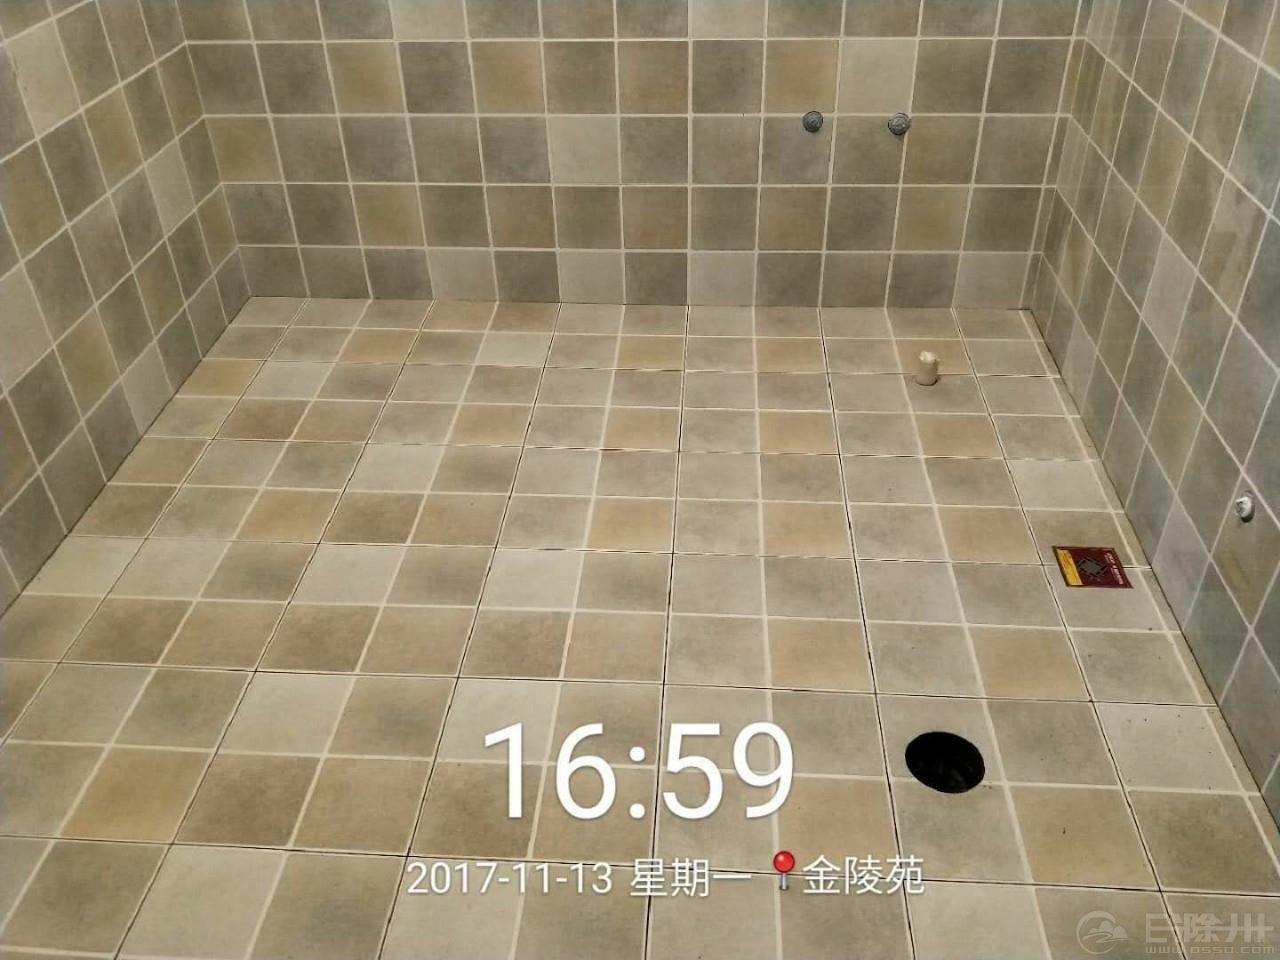 20171126_830471_1511699387994.jpg